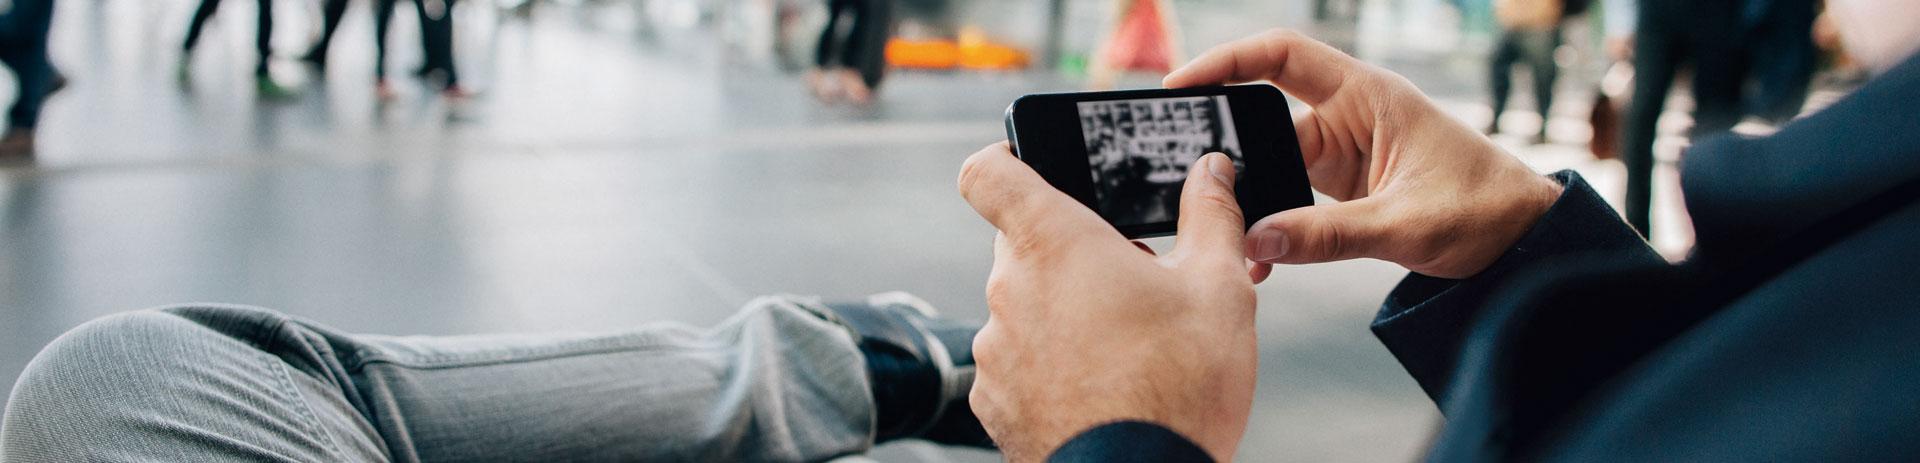 Mann in Ankunftshalle surft mit seinem Handy